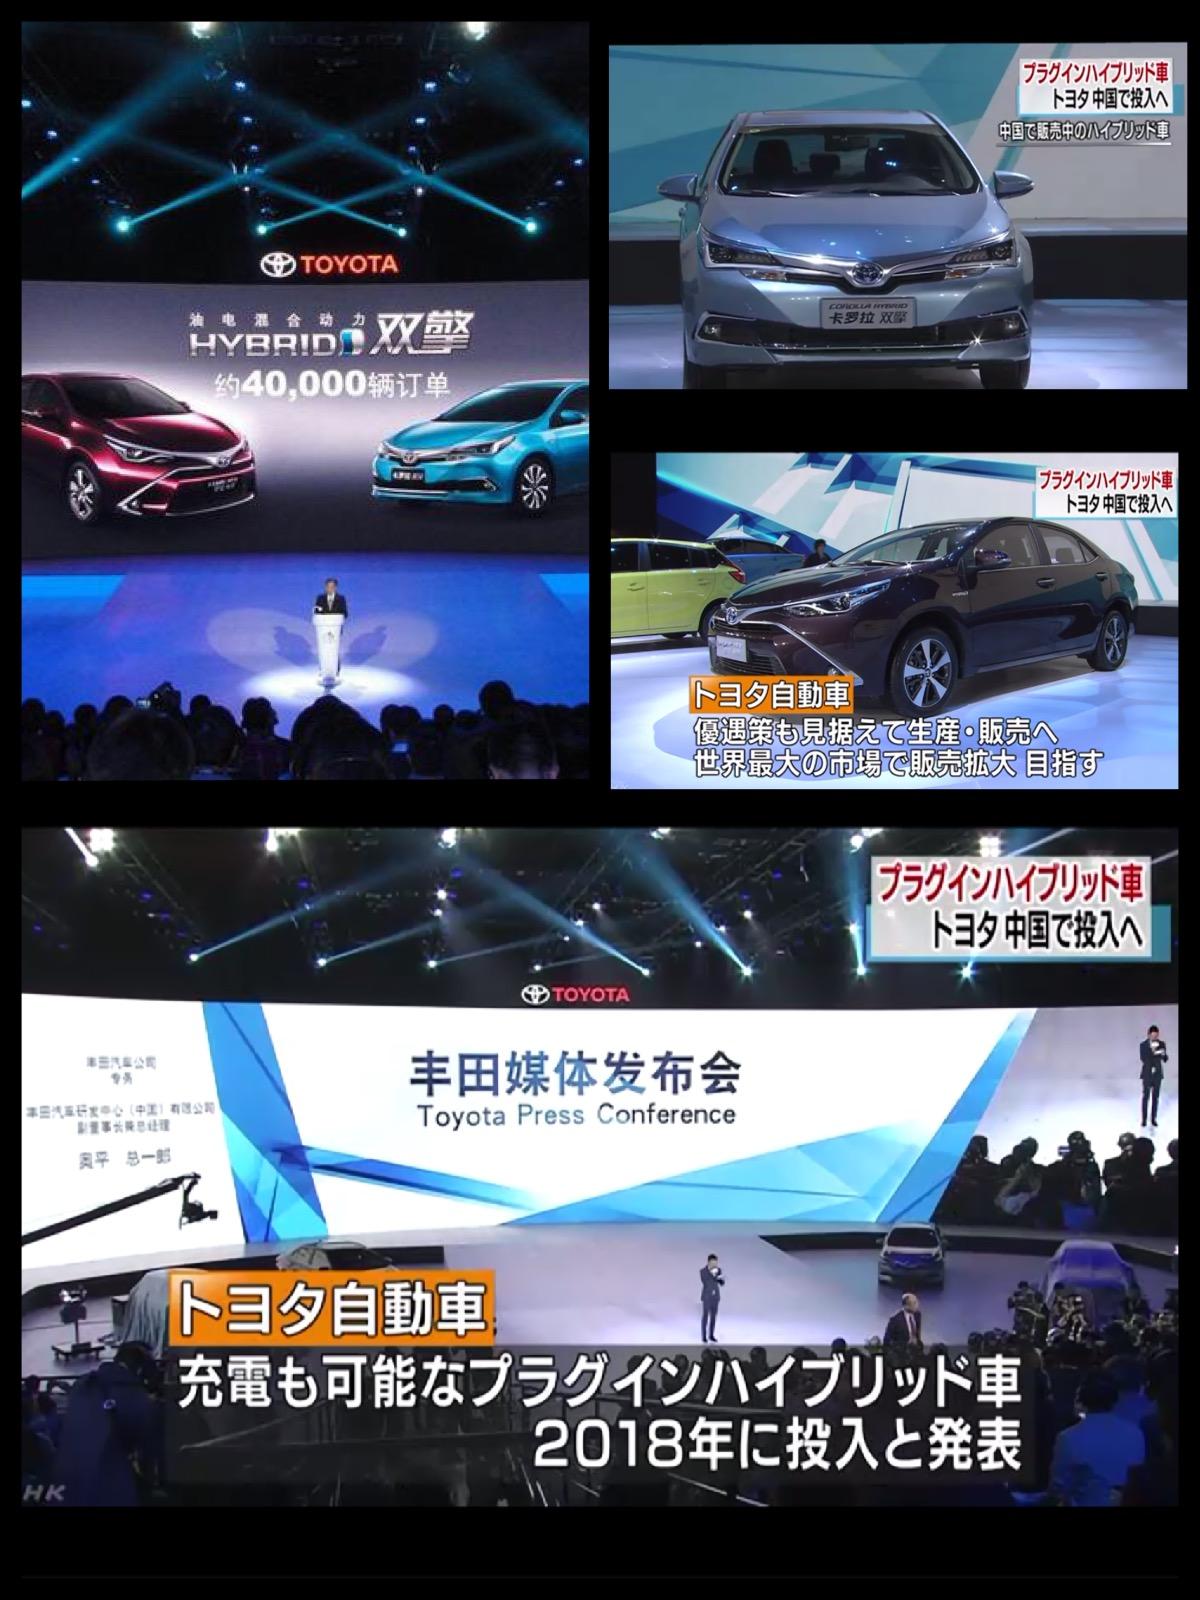 トヨタ プラグインハイブリッド中国投入